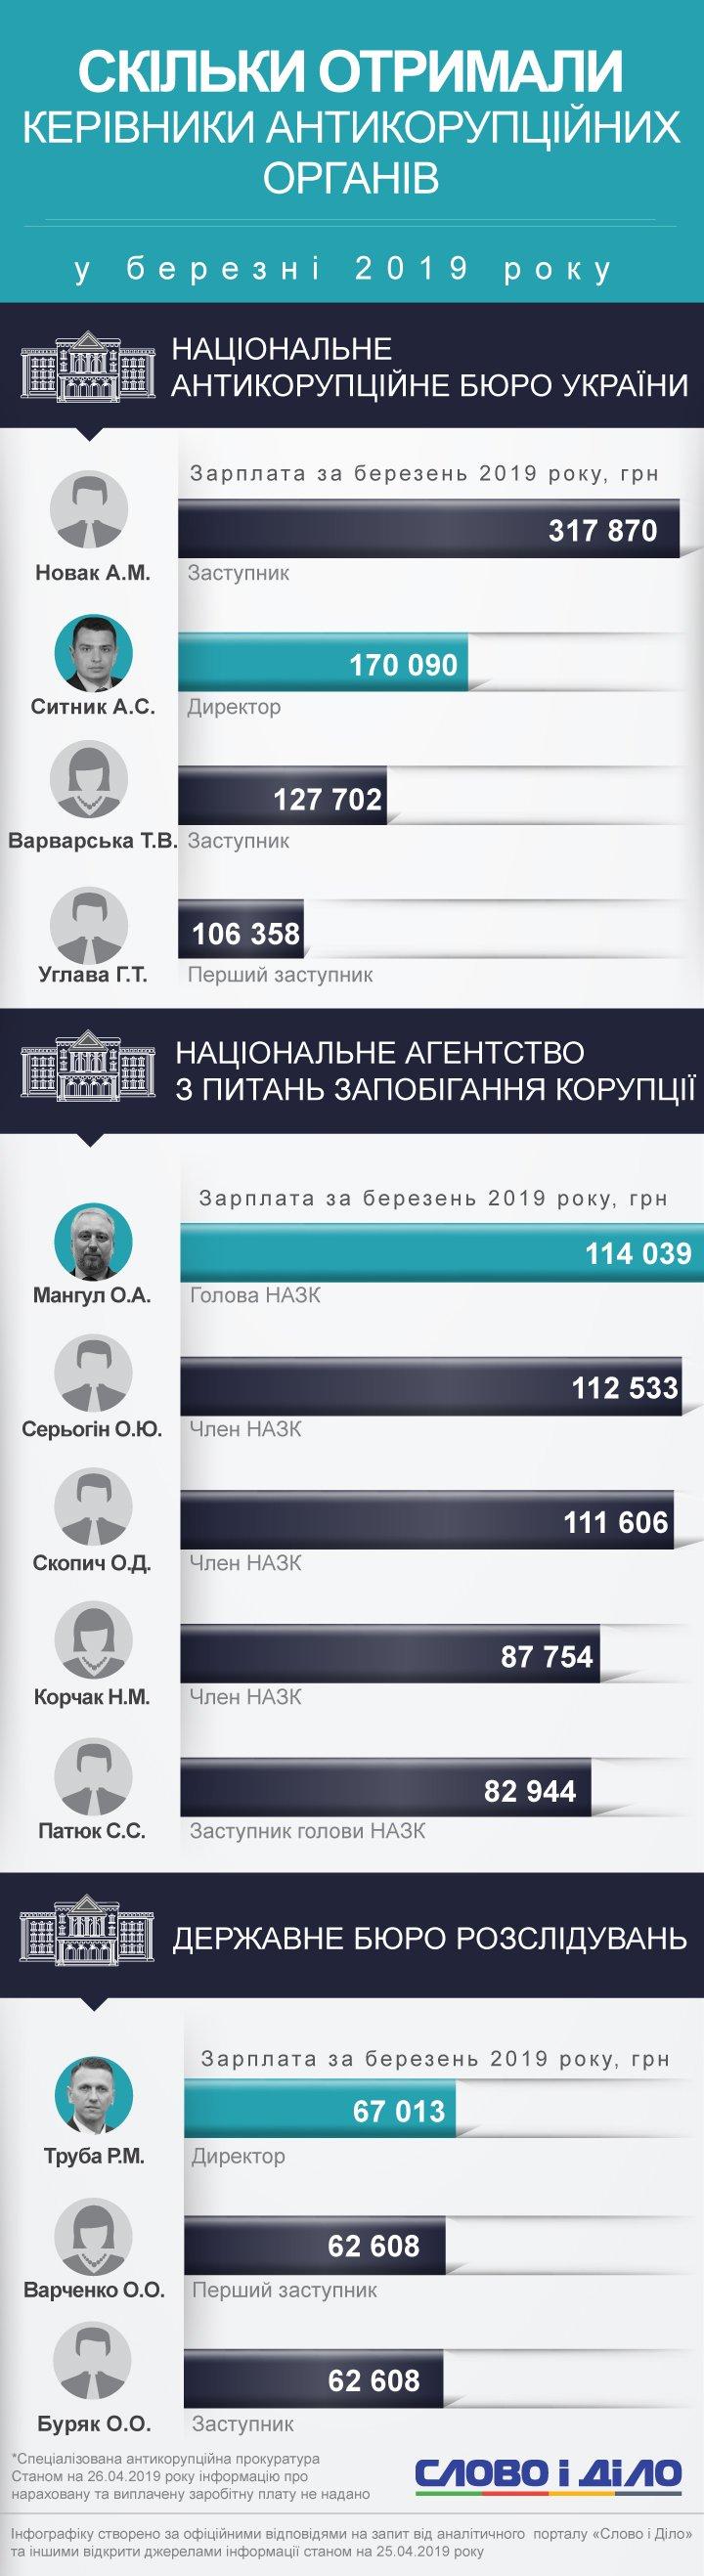 Найбільш високооплачуваним антикорупціонером став заступник директора НАБУ Анатолій Новак.